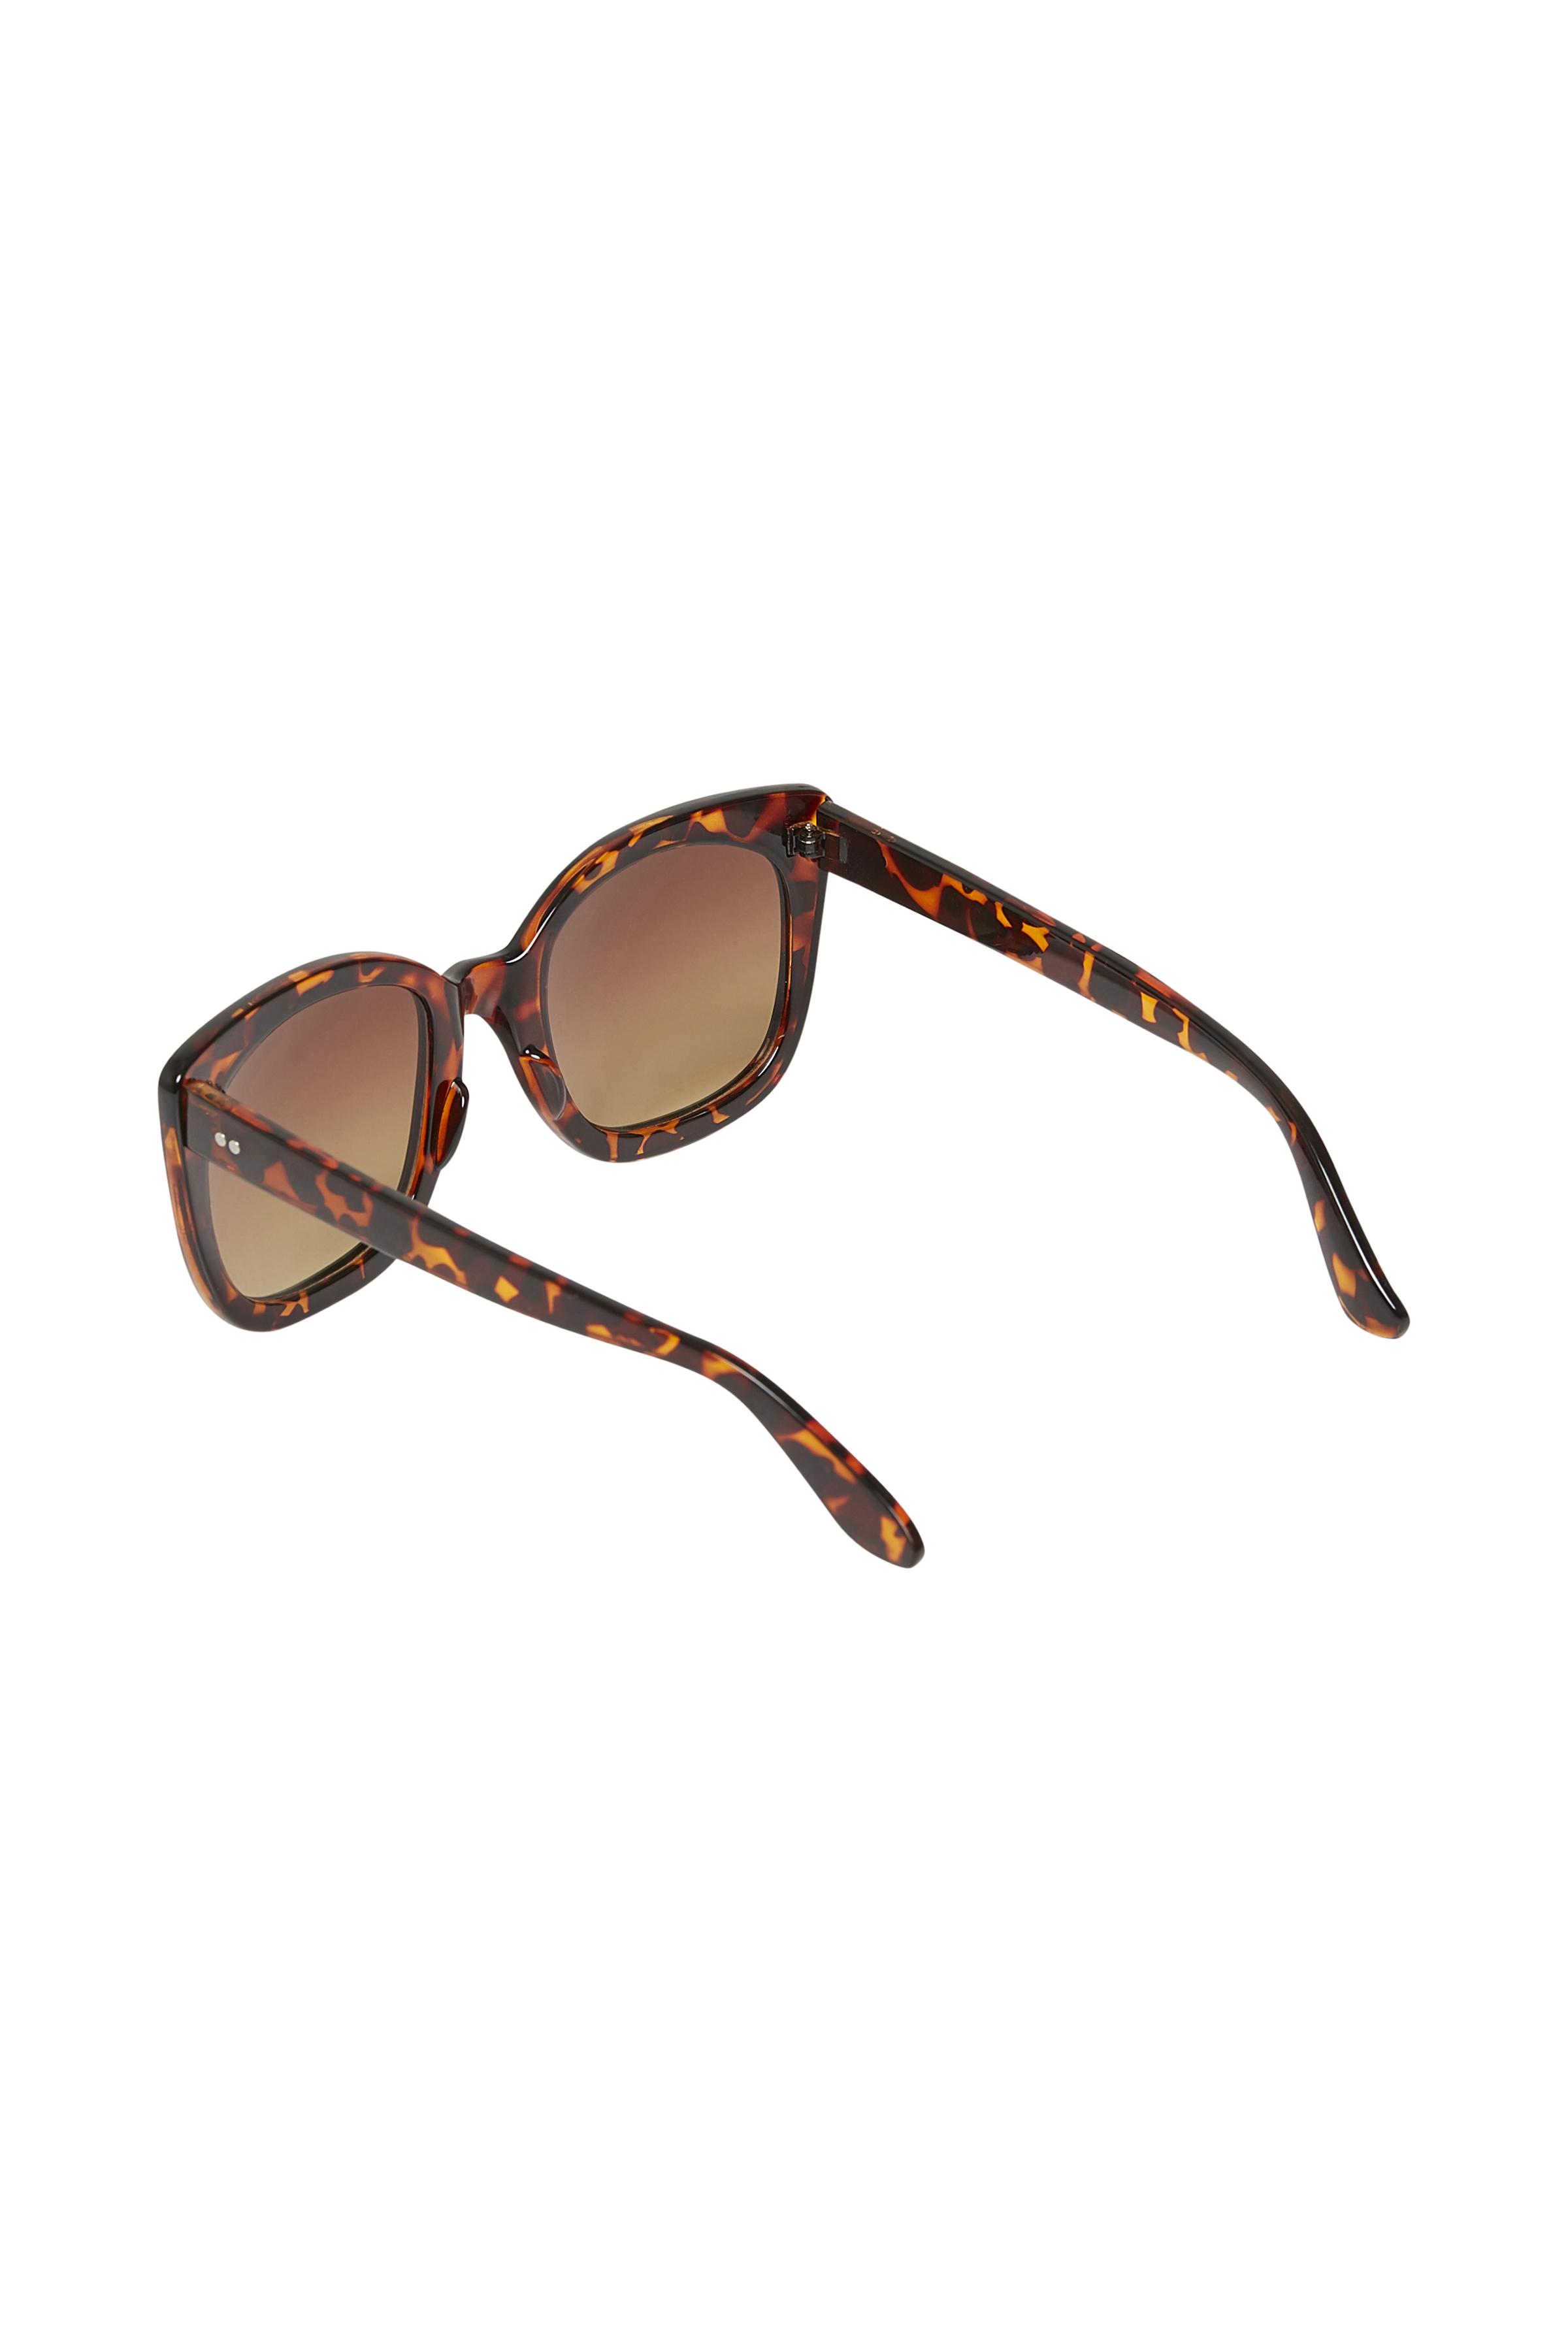 Braun Sonnenbrille von b.young – Kaufen Sie Braun Sonnenbrille aus Größe ONE hier